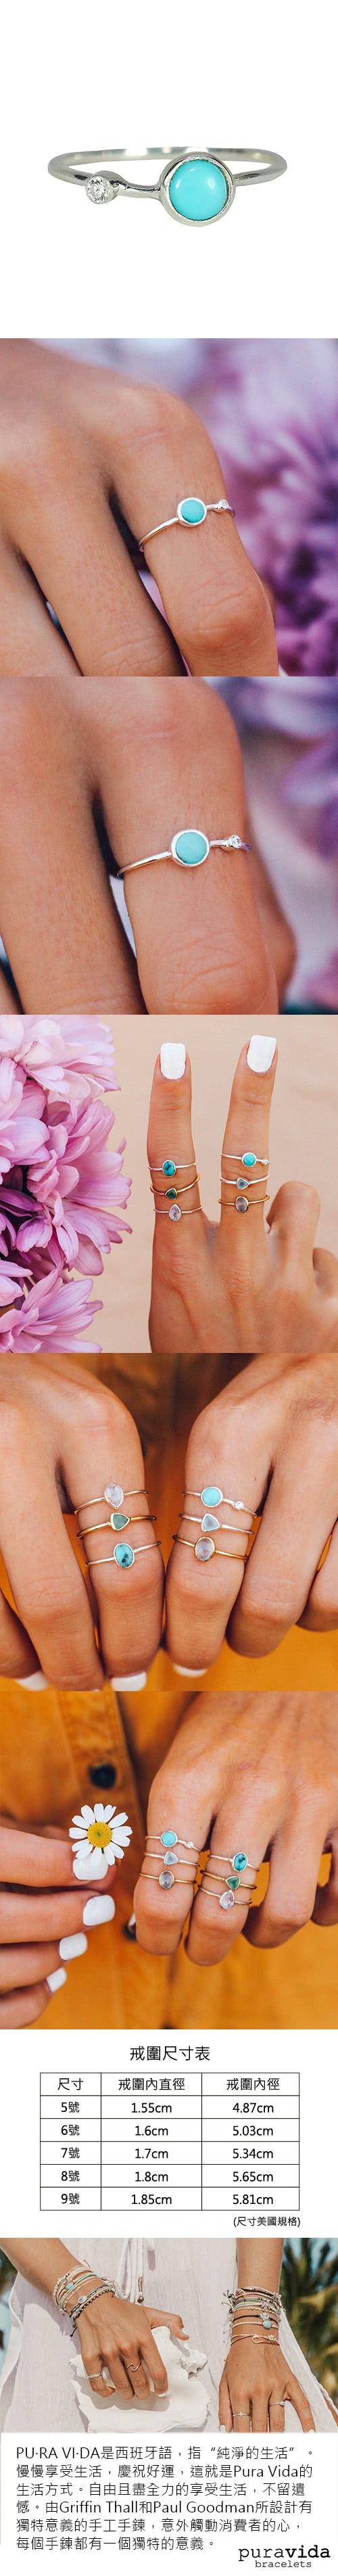 (複製)Pura Vida 美國手工 月光石淚滴造型純銀戒指